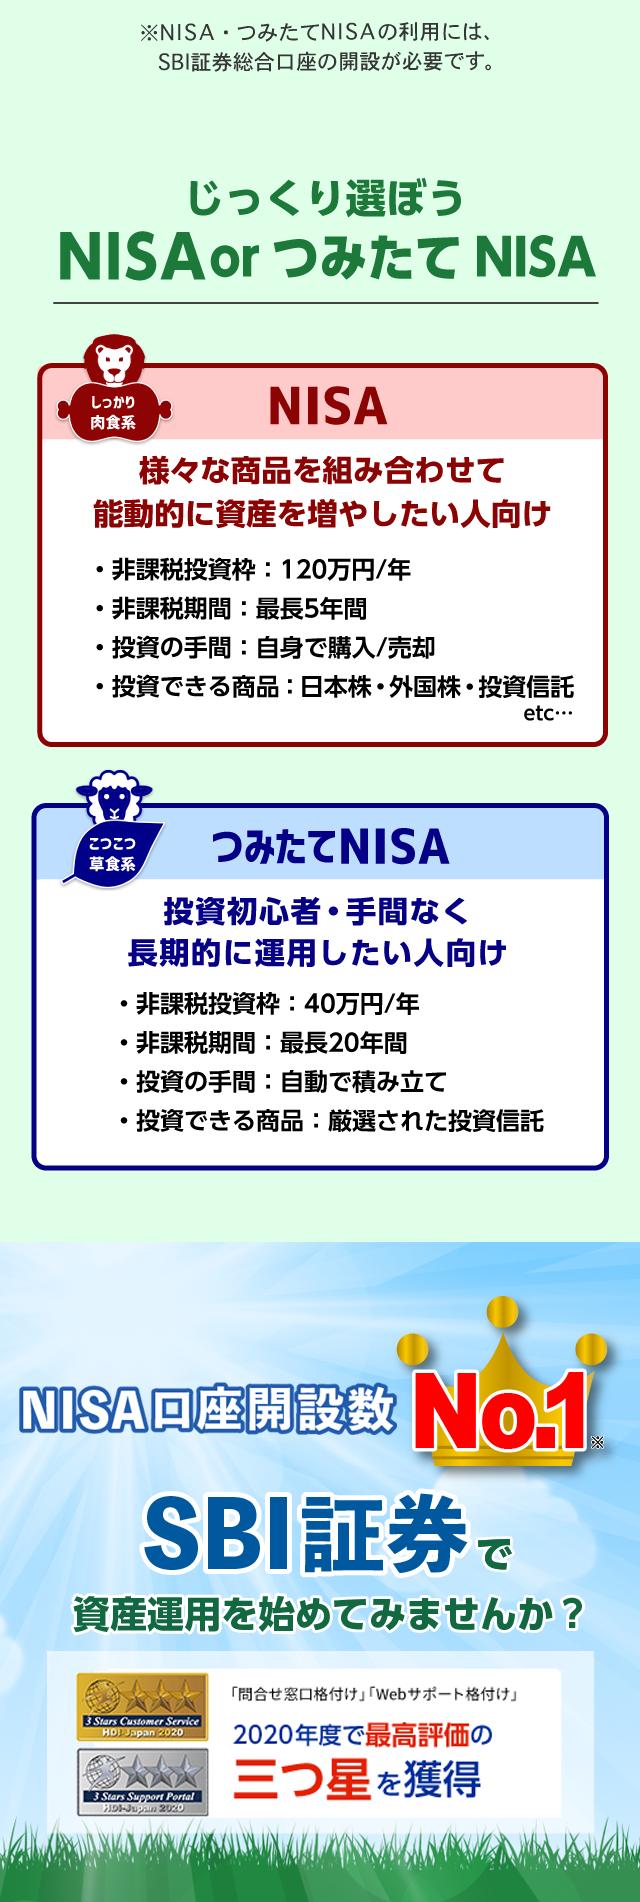 じっくり選ぼう NISA or つみたてNISAの違い